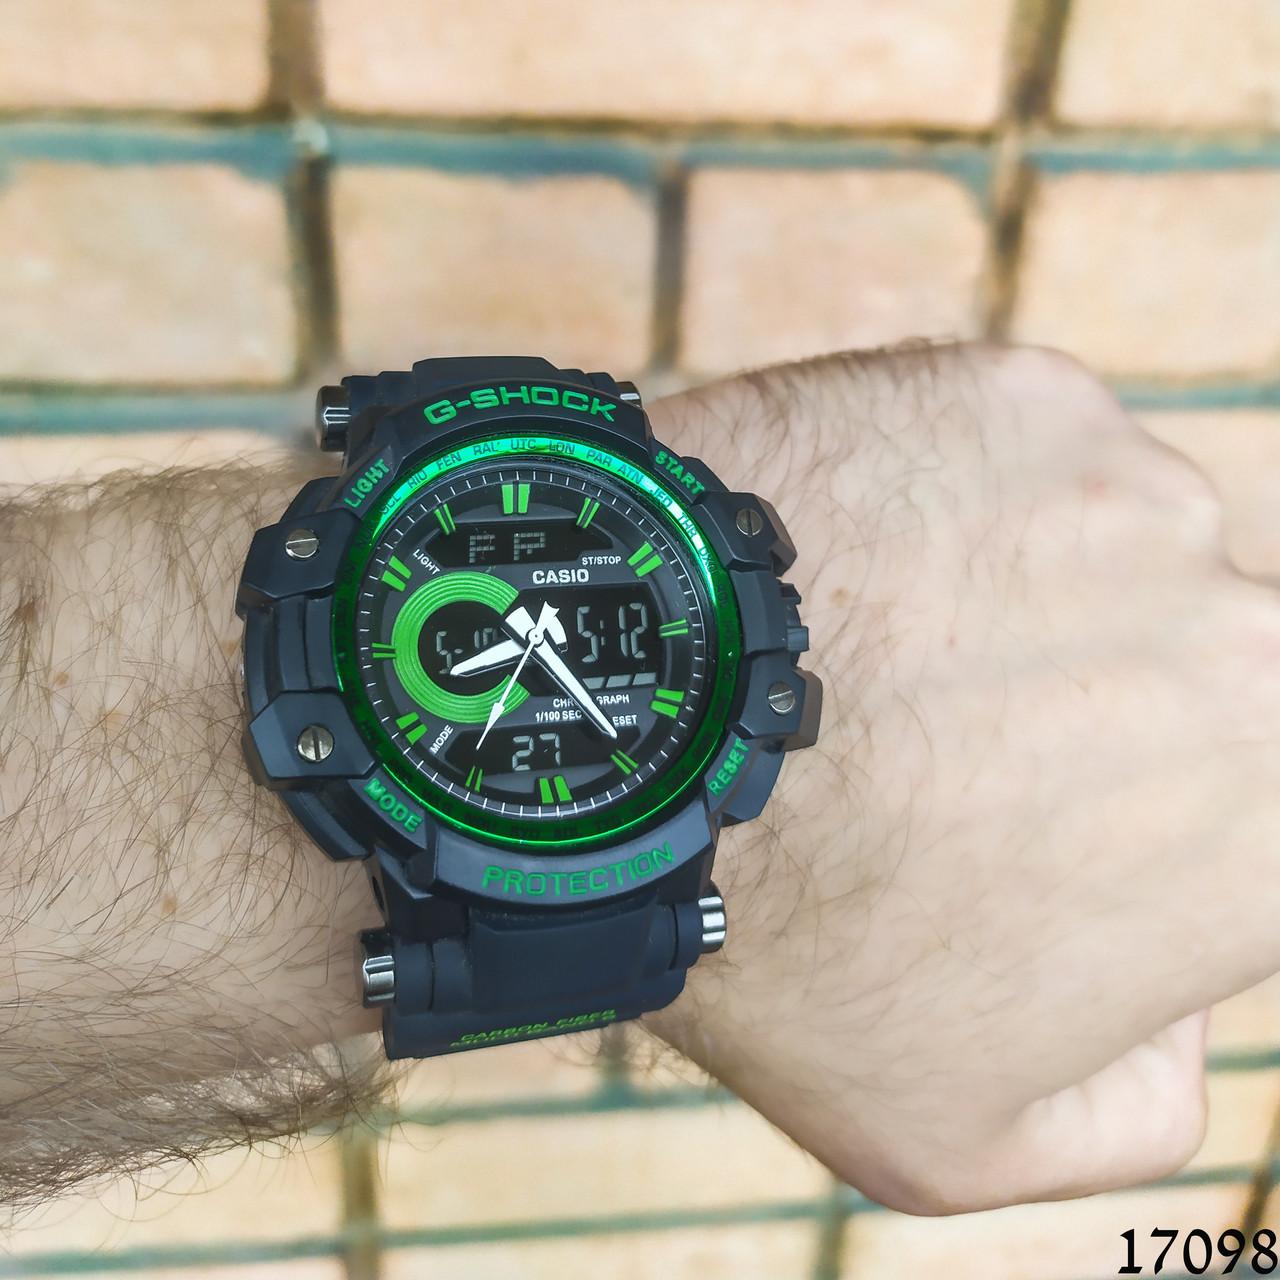 Чоловічі наручні годинники чорні в стилі Casio G-Shock з датою. Годинник чоловічий